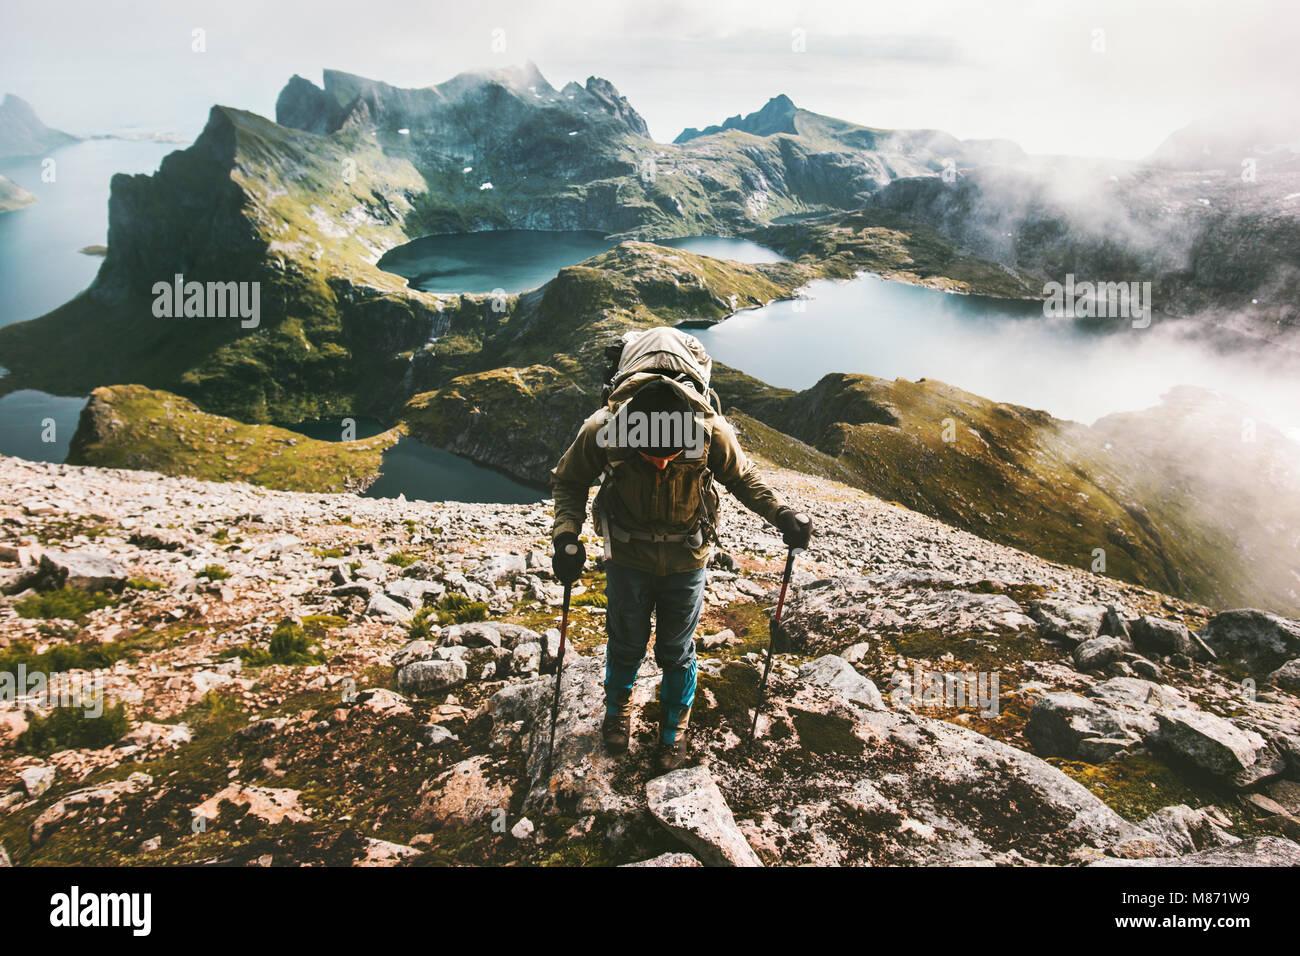 Meilleur homme Hermannsdalstinden escalade de montagne en Norvège voyages aventure randonnées concept Photo Stock